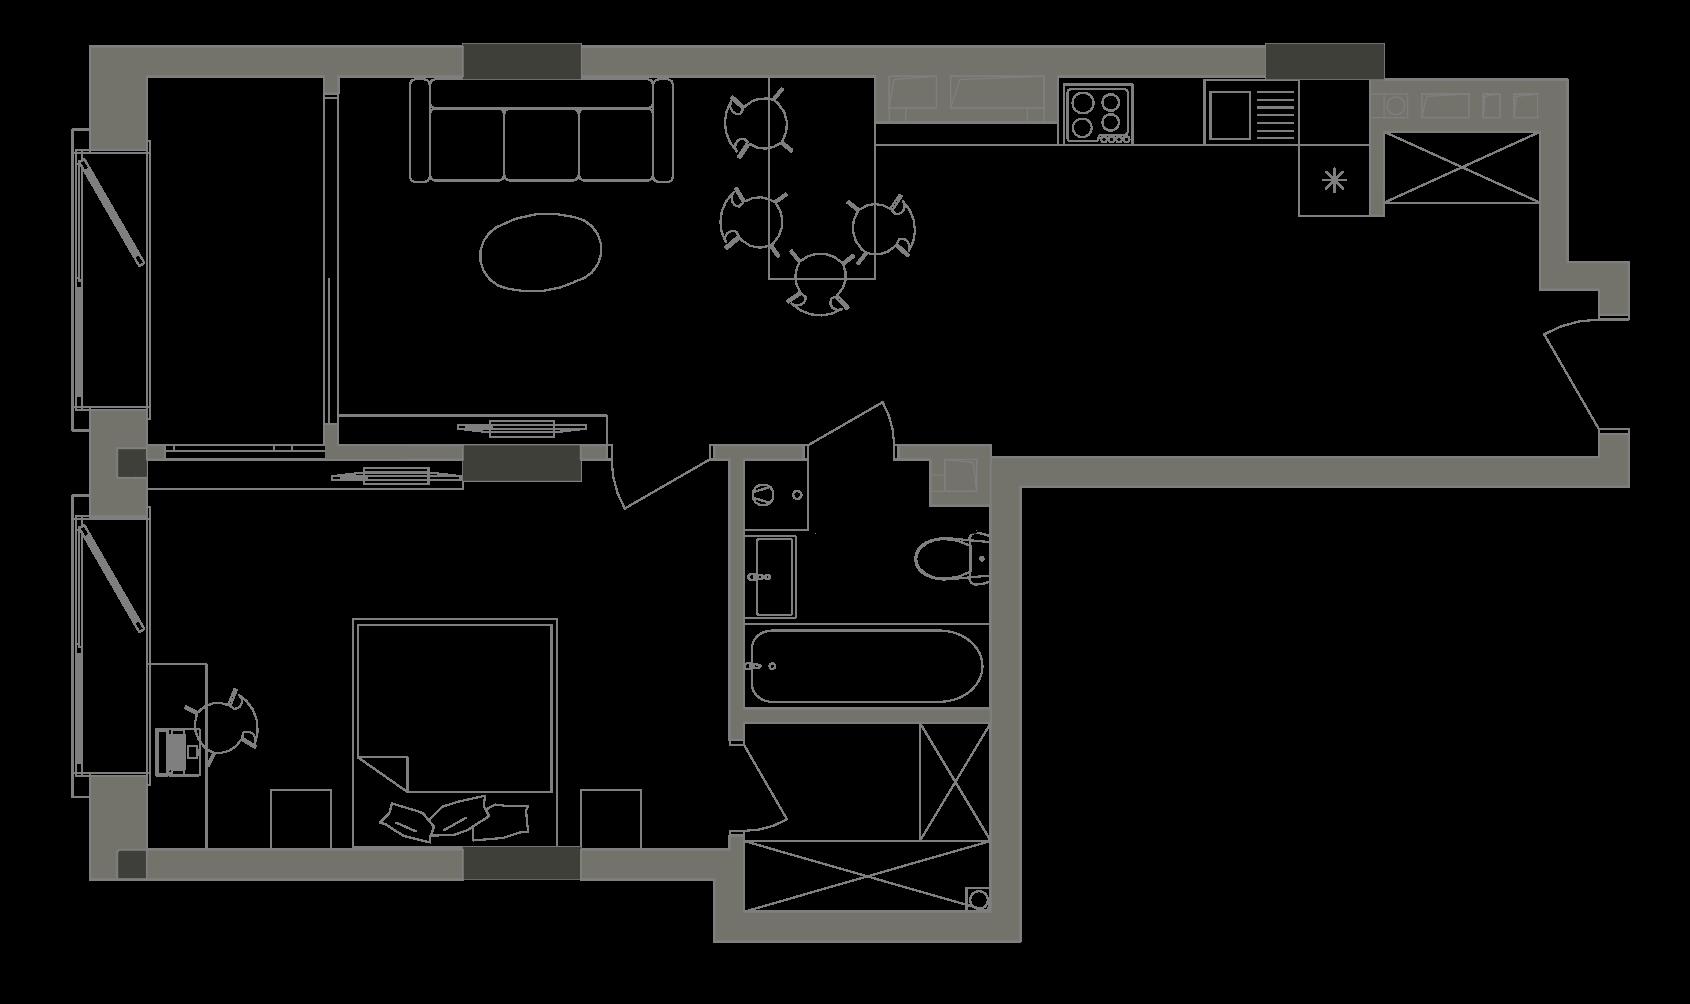 Квартира KV_13_1B_1_1_4